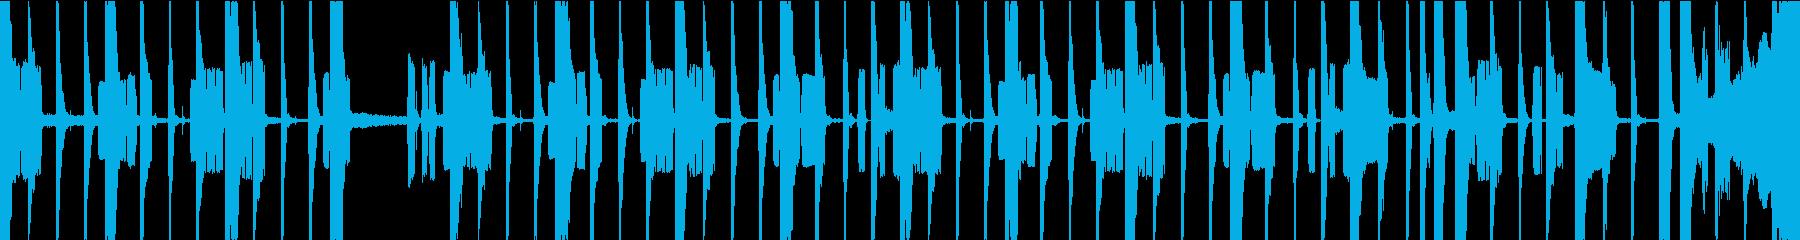 レコード風なLo-fiシンセのファンクの再生済みの波形